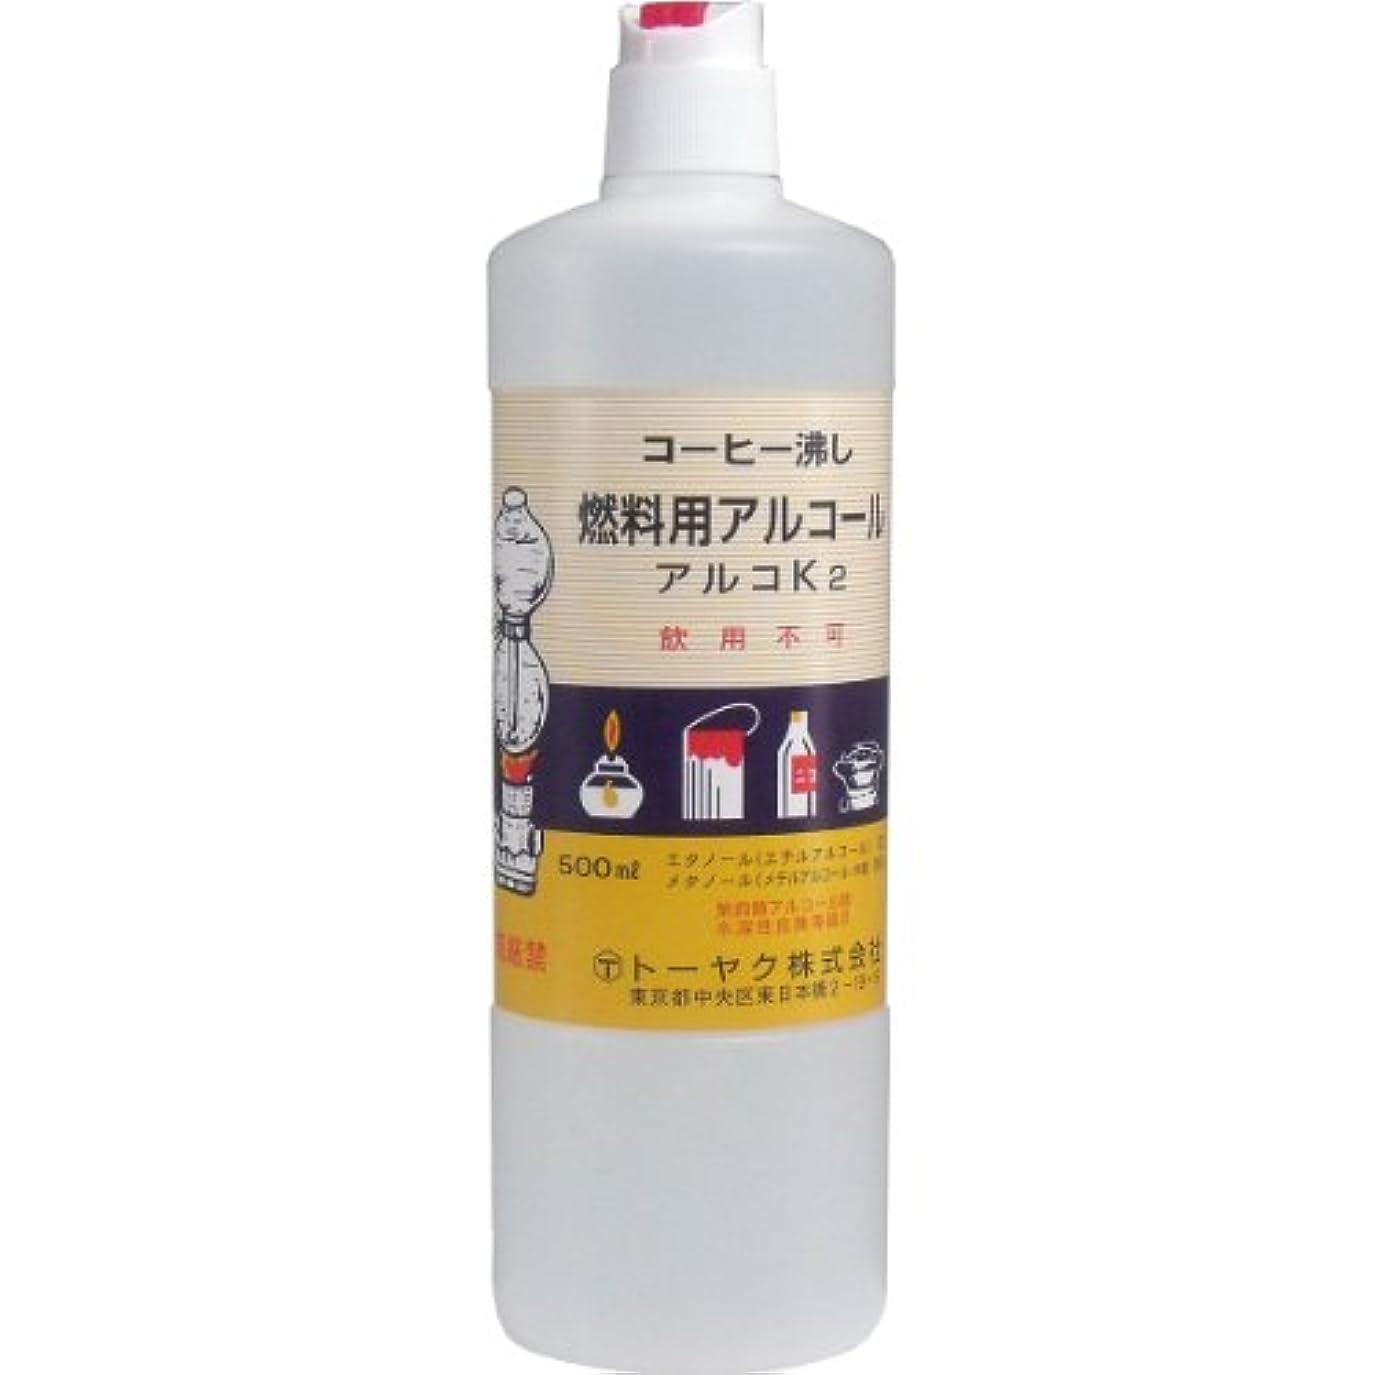 シリング鬼ごっこ繕う燃料用アルコール アルコK2 ×3個セット